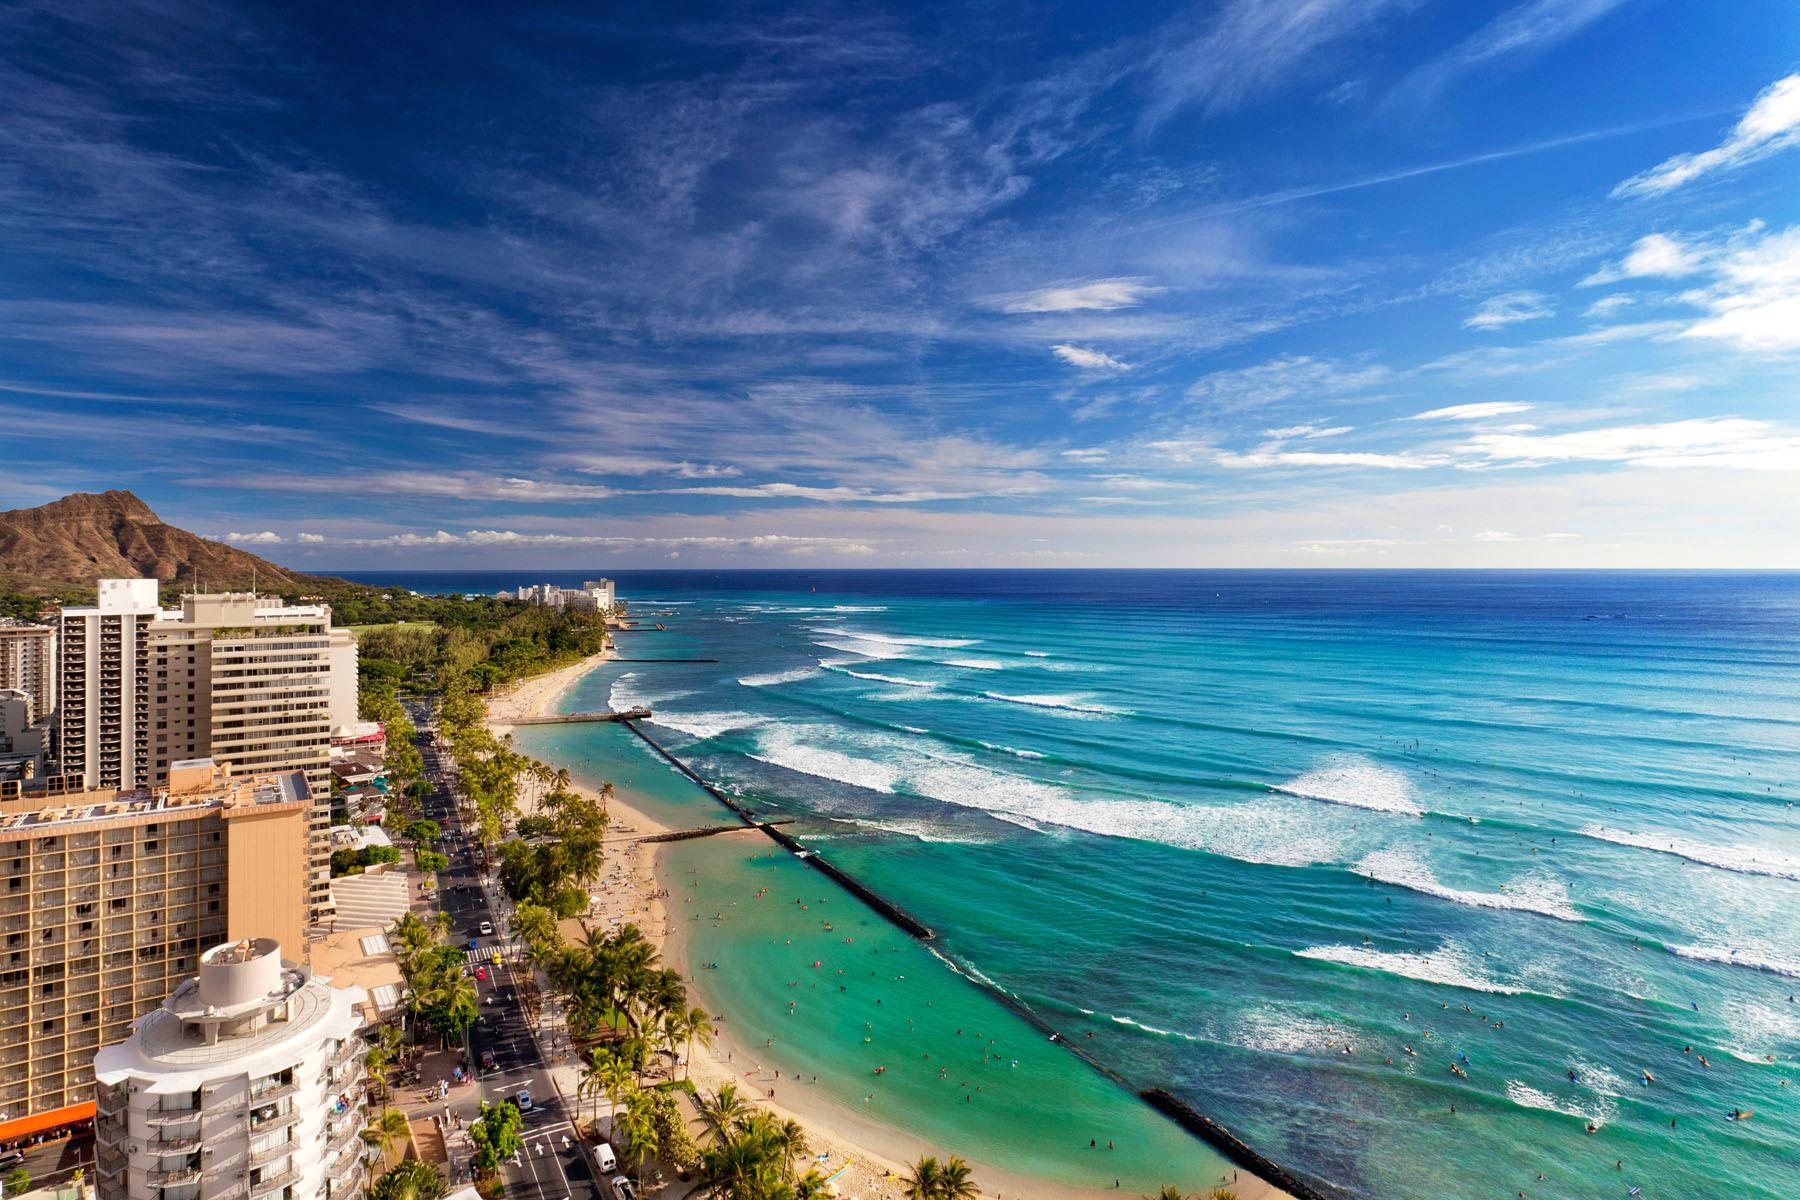 Honolulu beach